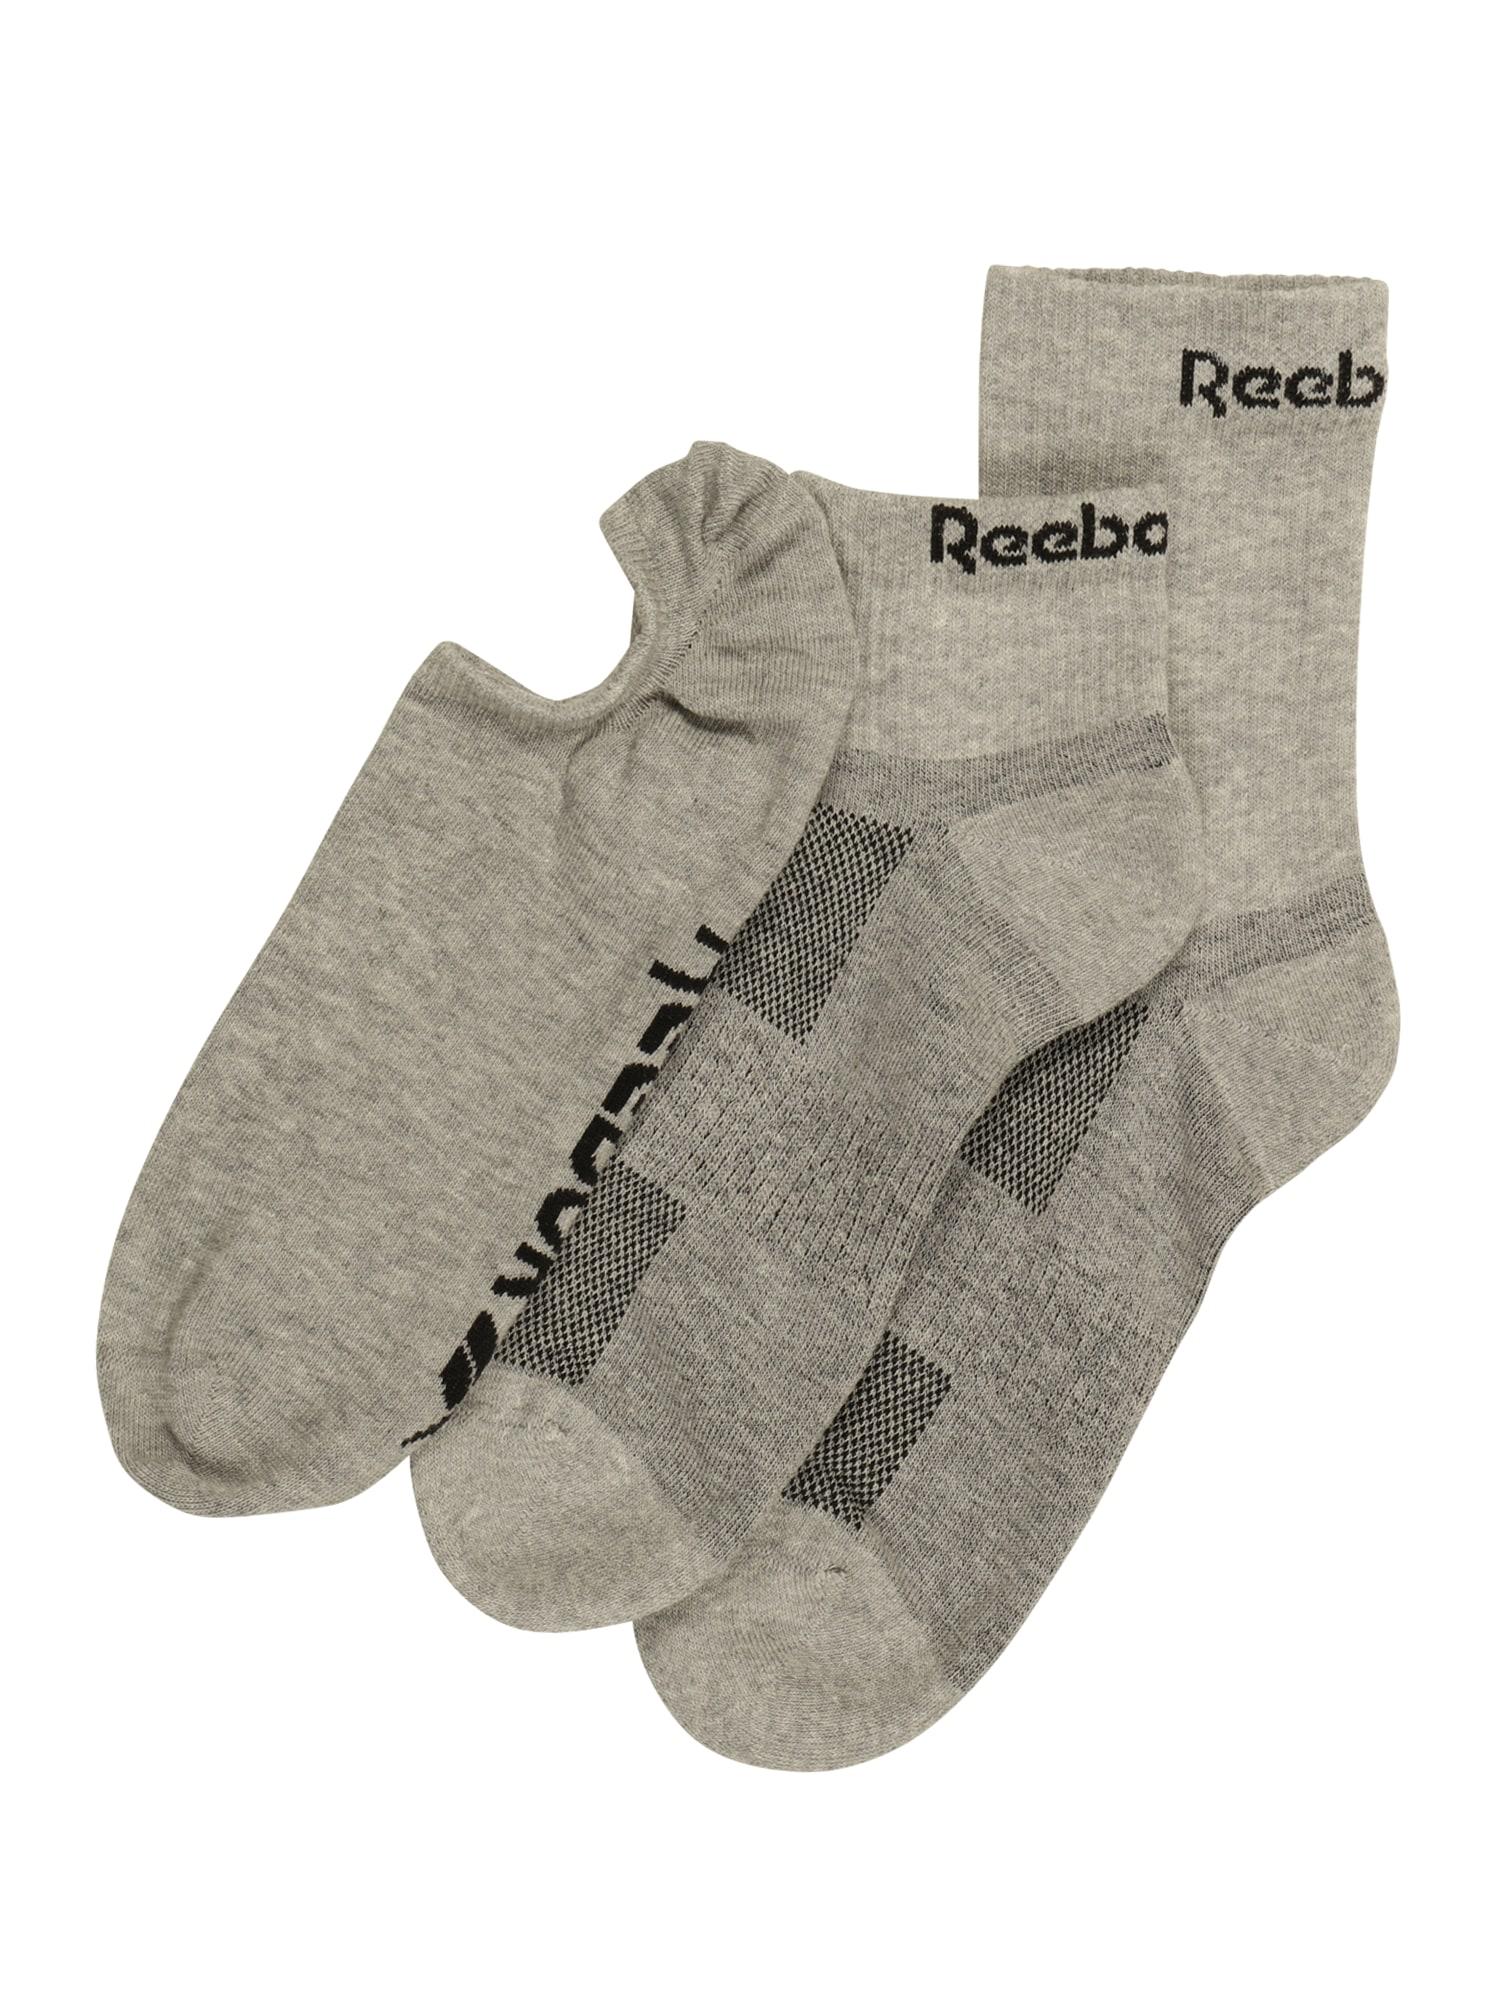 REEBOK Sportinės kojinės 'TE ALL PURPOSE SOCK' pilka